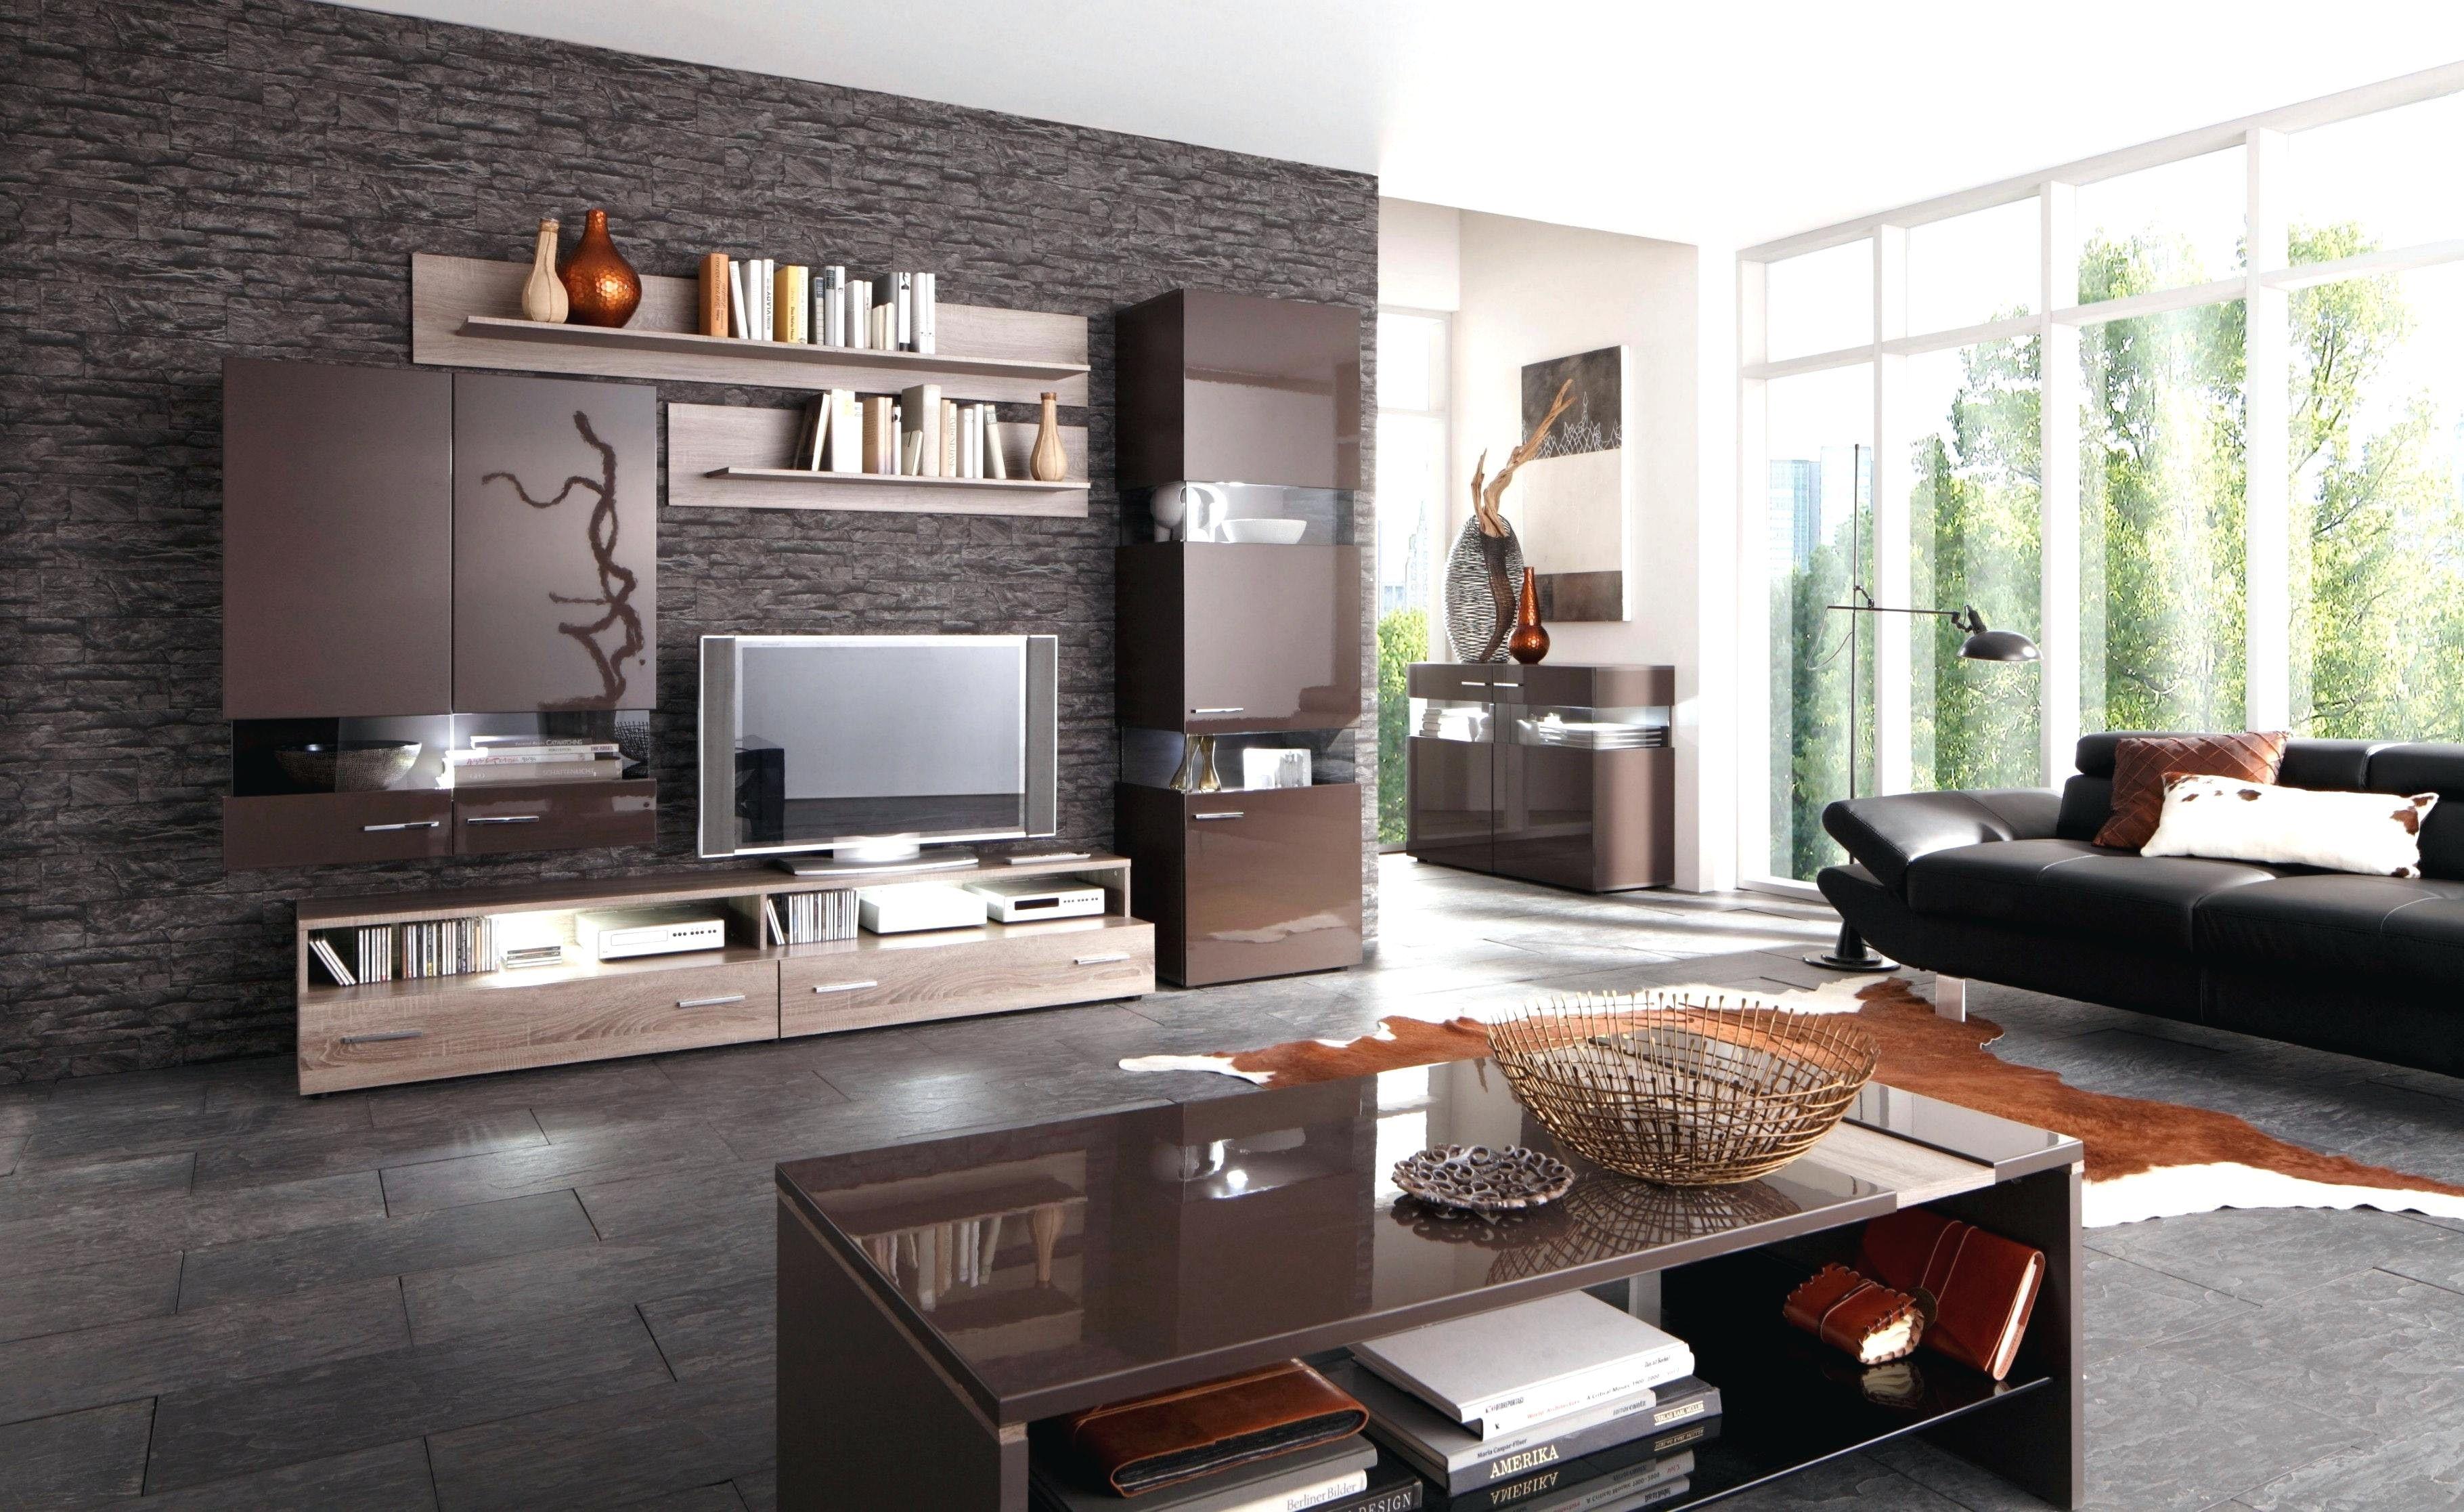 schlafzimmer einrichten grau braun | living room grey